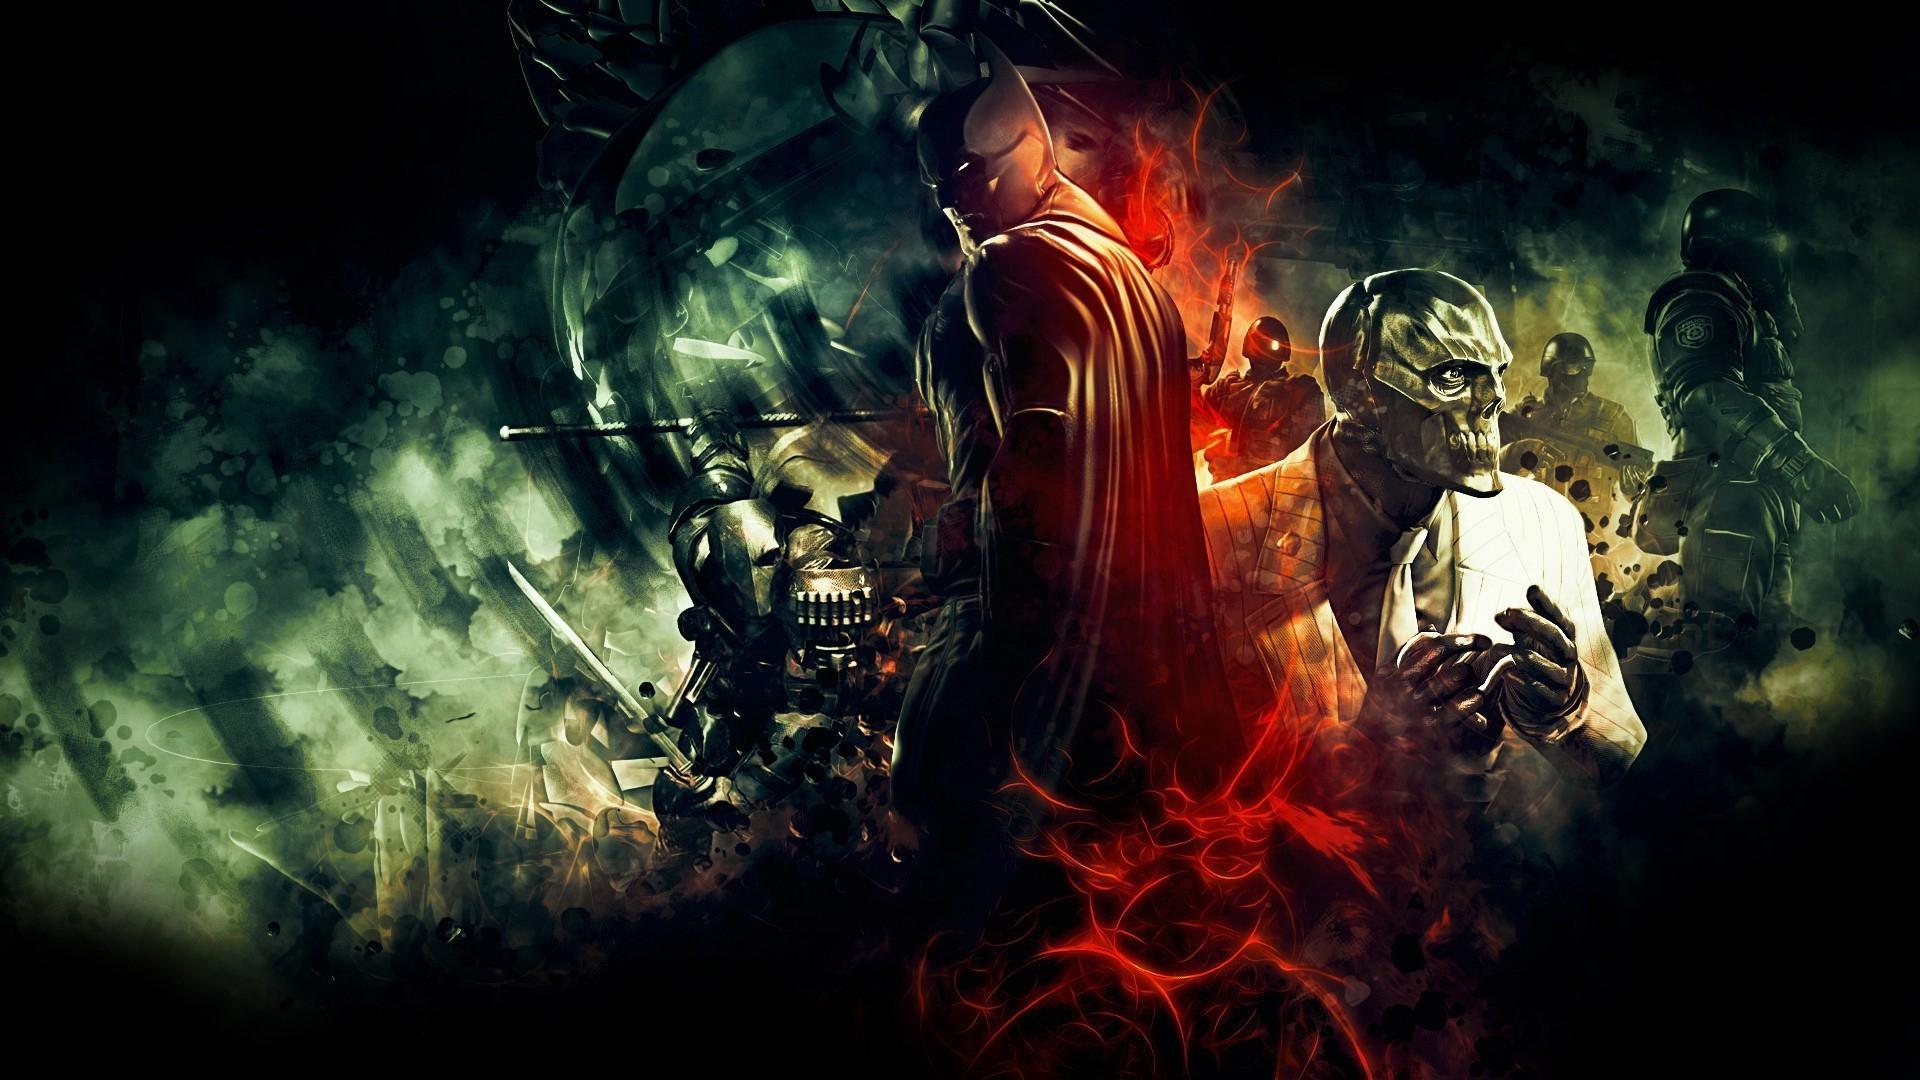 Batman Joker Martian Deathstroke Slade Wilson Wallpapers HD | HD Wallpapers  | Pinterest | Deathstroke and Wallpaper